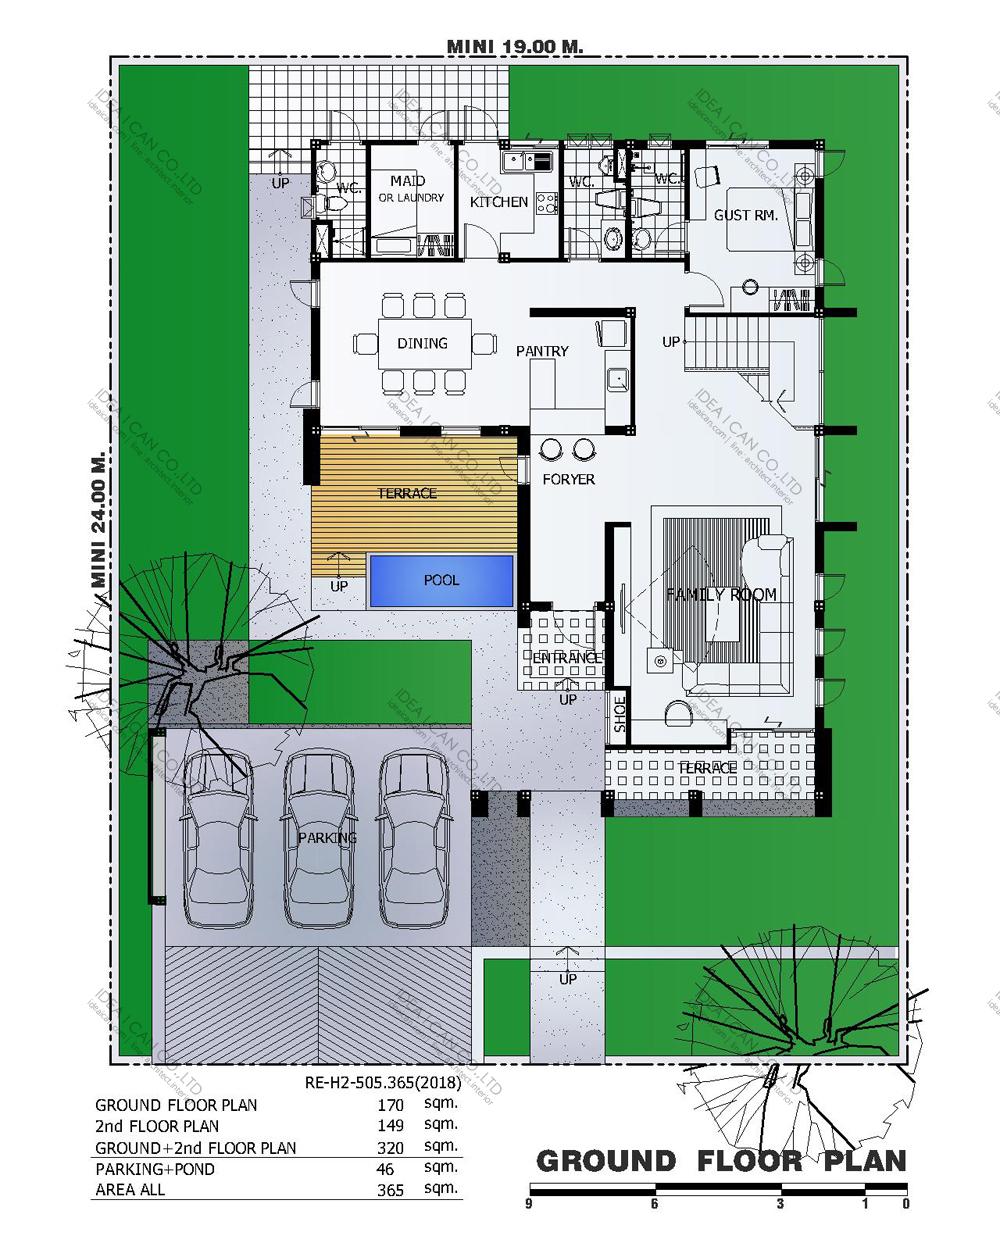 แบบบ้านสองชั้นสไตล์รีสอร์ท, แบบบ้าน 2 ชั้น, แบบบ้าน 4 ห้องนอน, ห้องน้ำสไตล์รีสอรท, พื้นที่ใช้สอย 365 ตร.ม., RE-H2-505.365(2018), แบบบ้านสไตล์รีสอร์ท , รับเหมาก่อสร้าง, รับสร้างบ้าน, รับสร้างบ้านสองชั้น